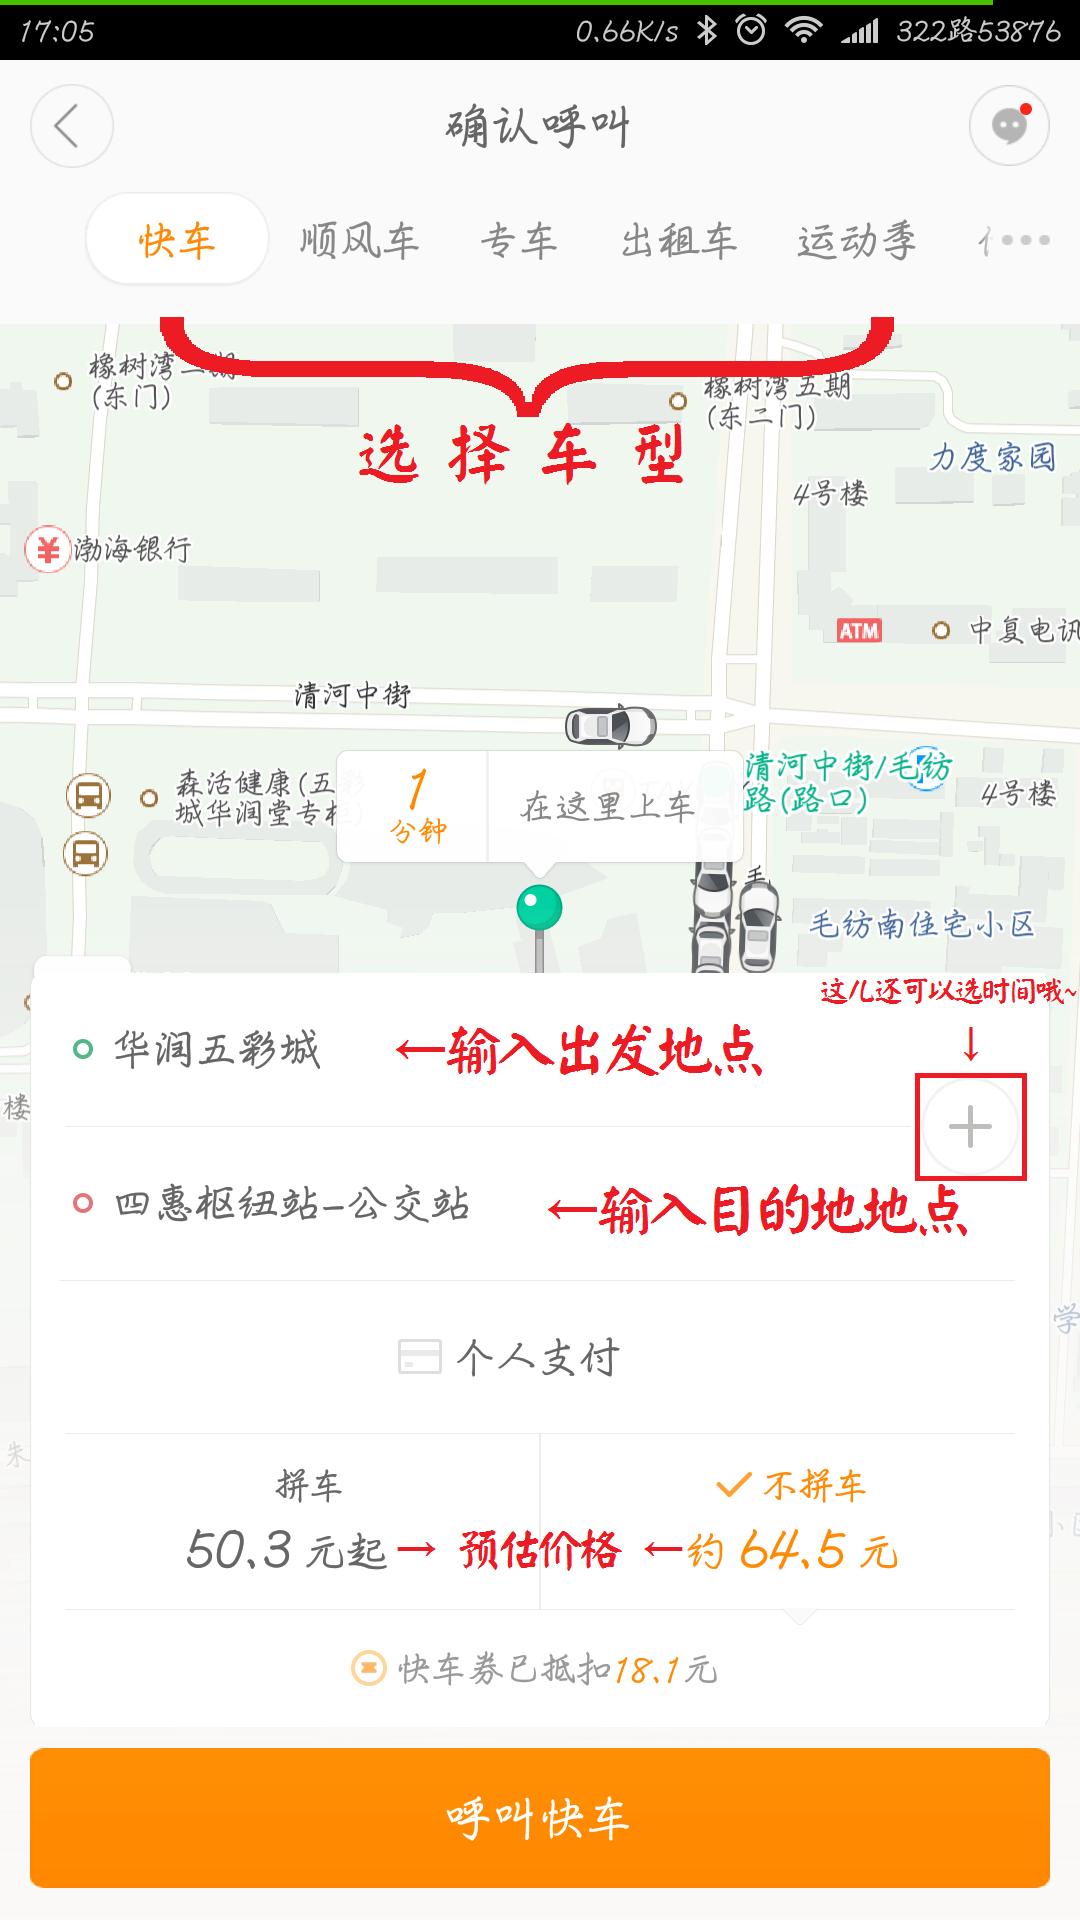 惠东永记生态园门票